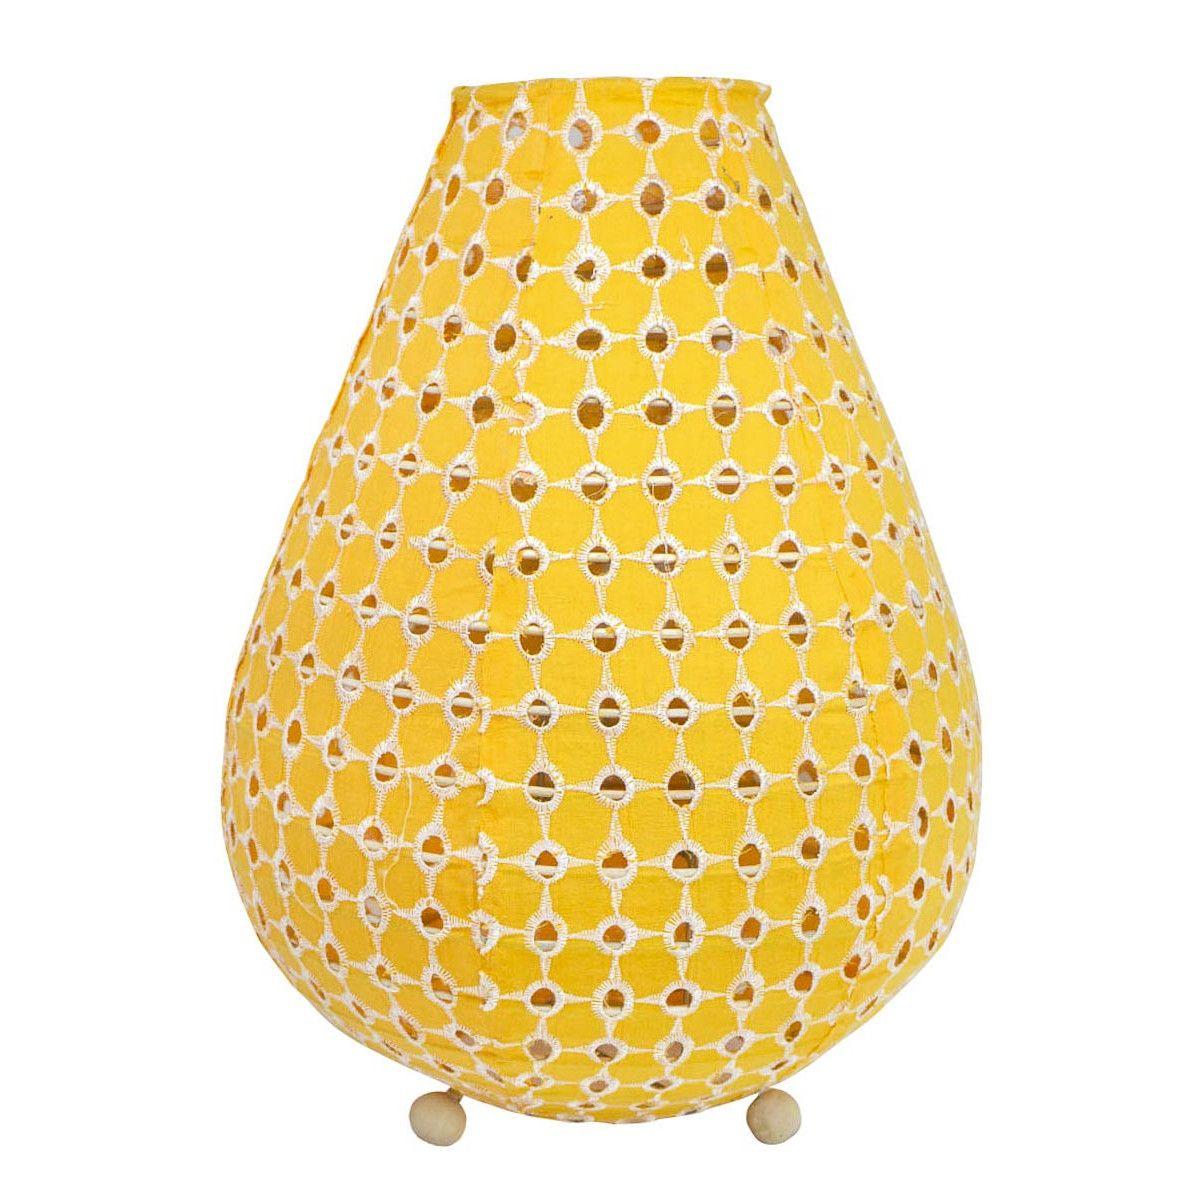 Lampe lampion de chevet tissu jaune brodé ajouré